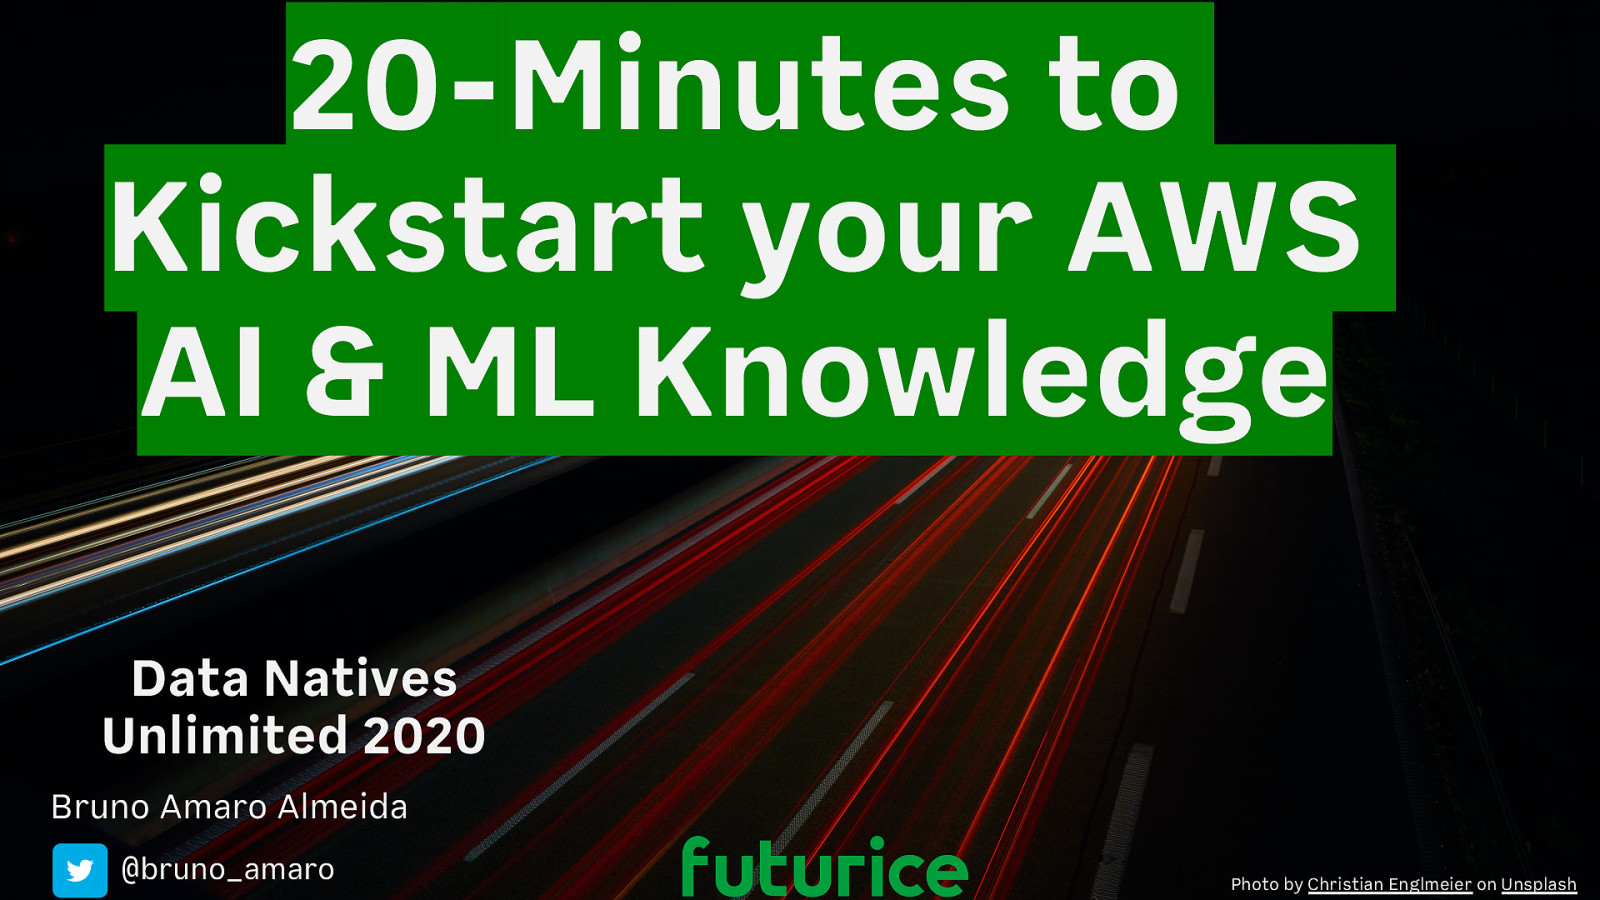 20-Minutes to Kickstart your AWS AI & ML Knowledge